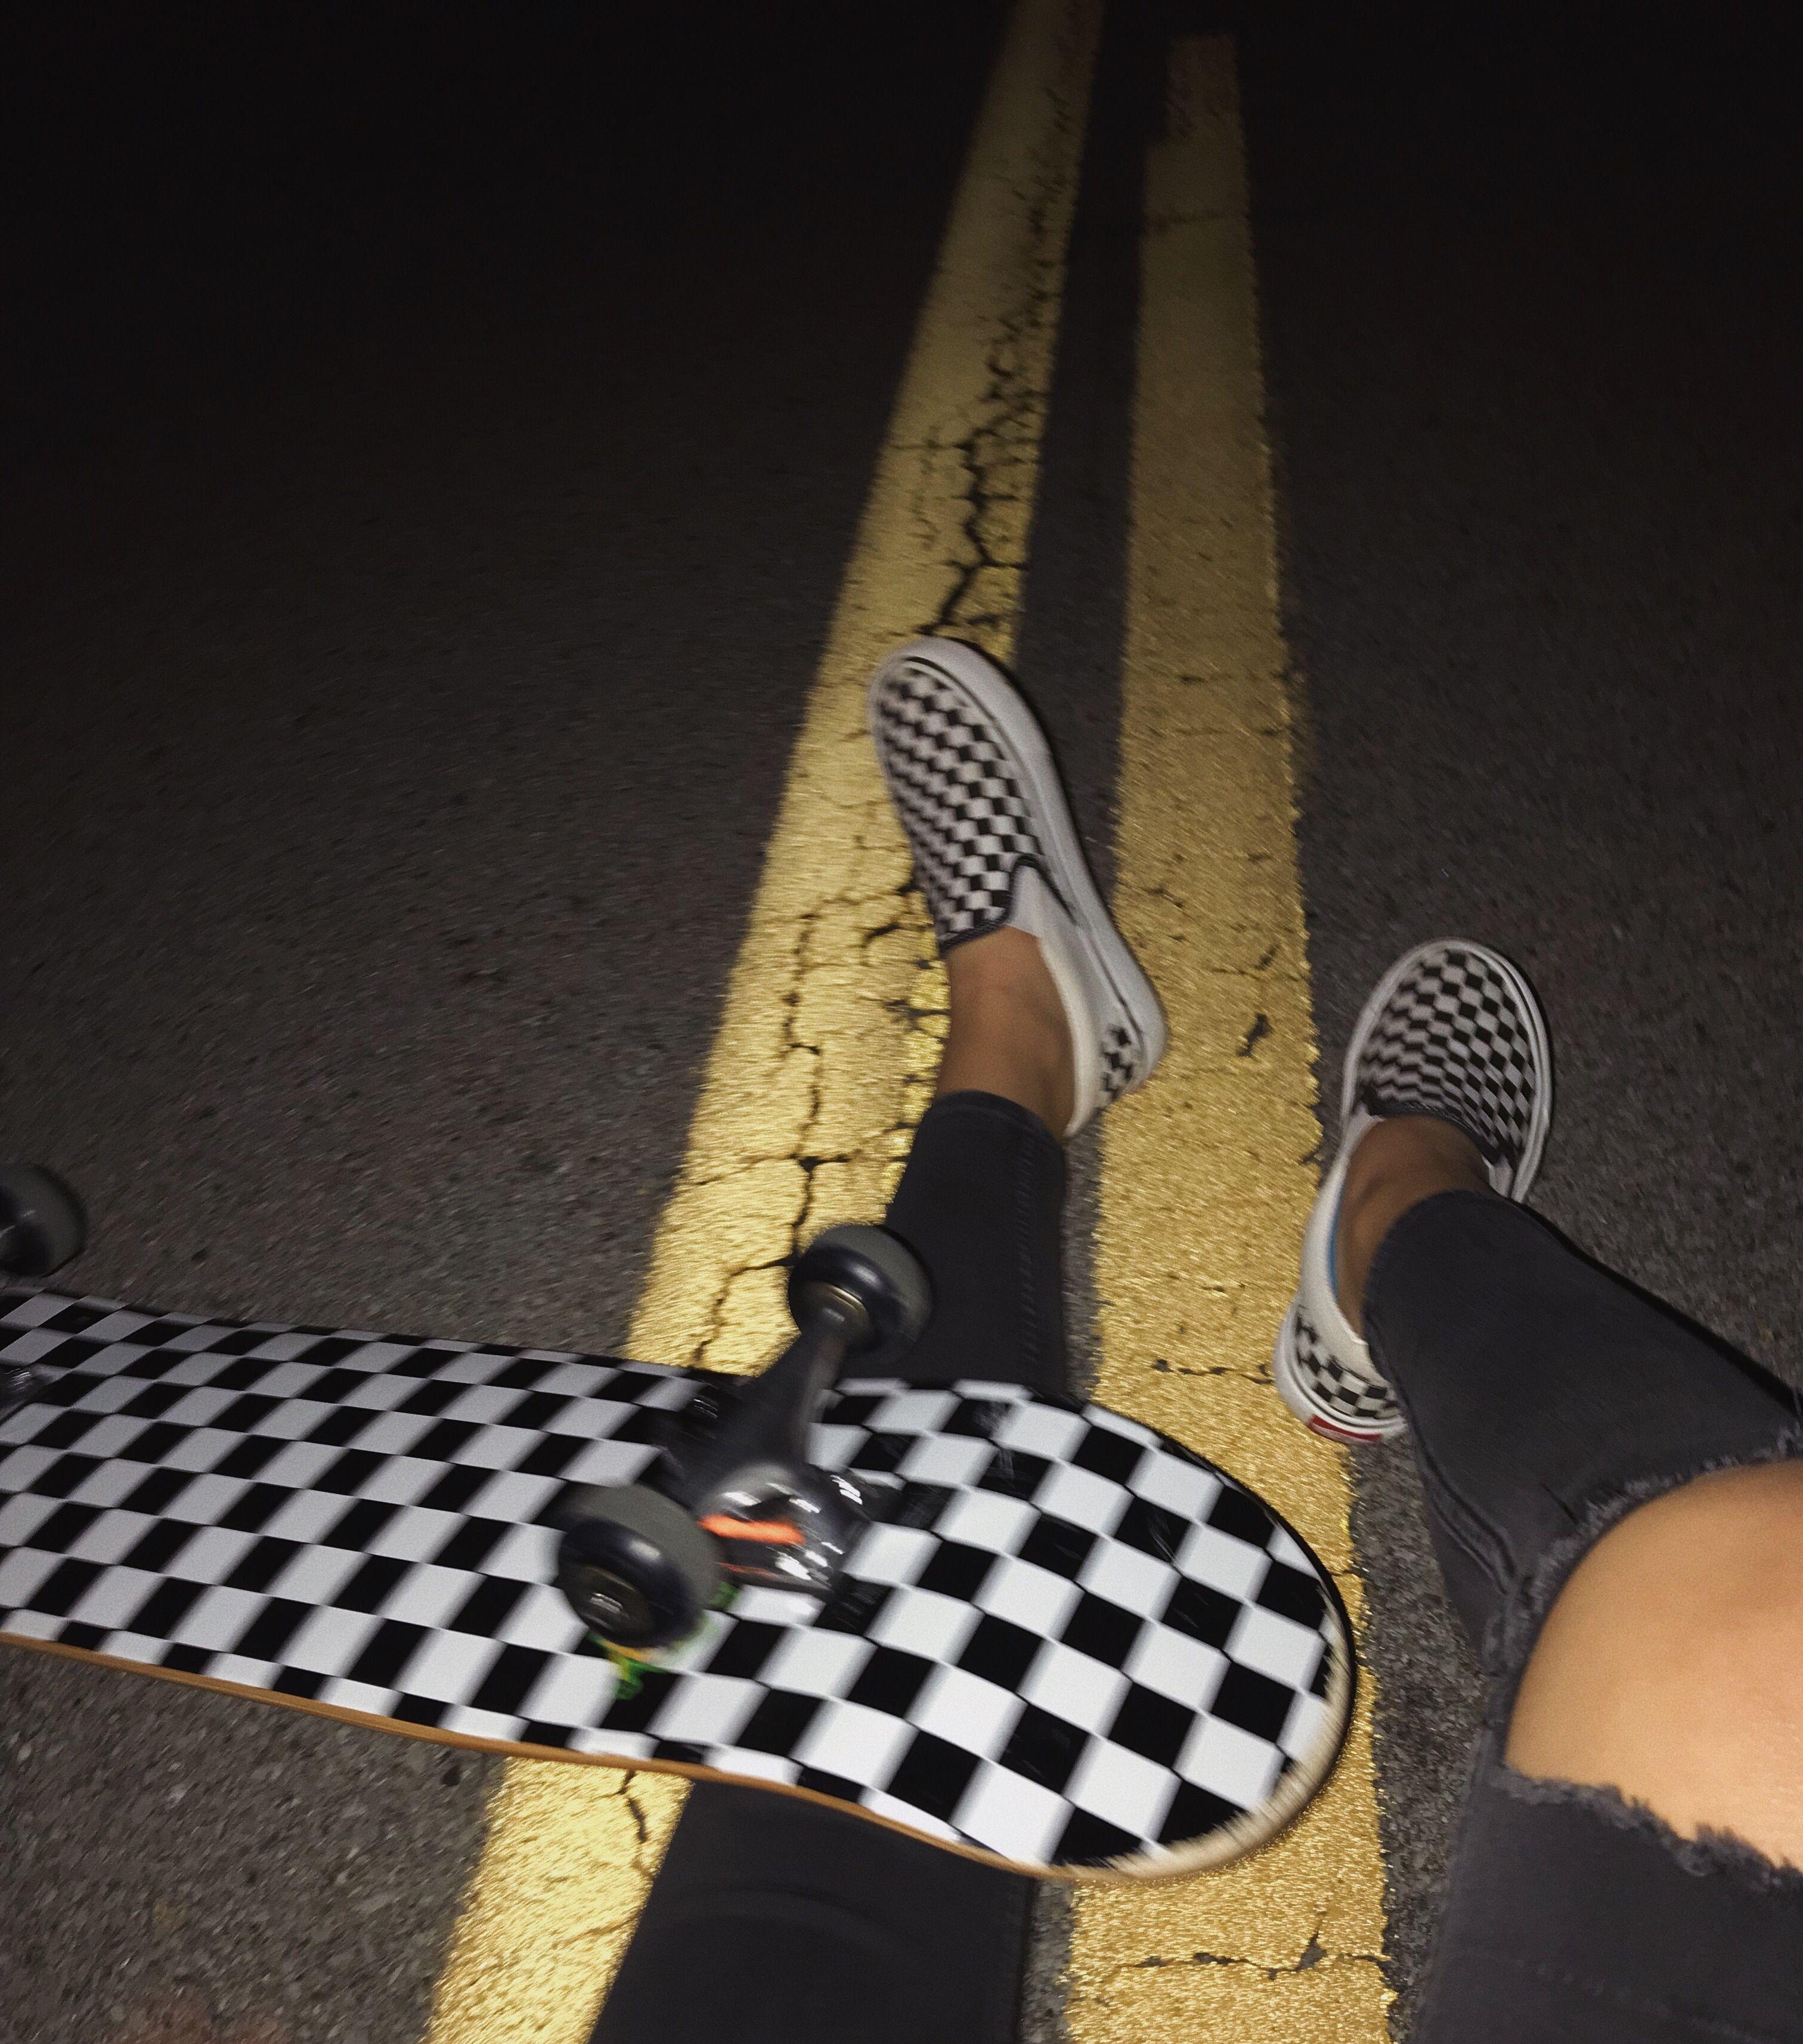 skateboarding skate skating skateboard grunge